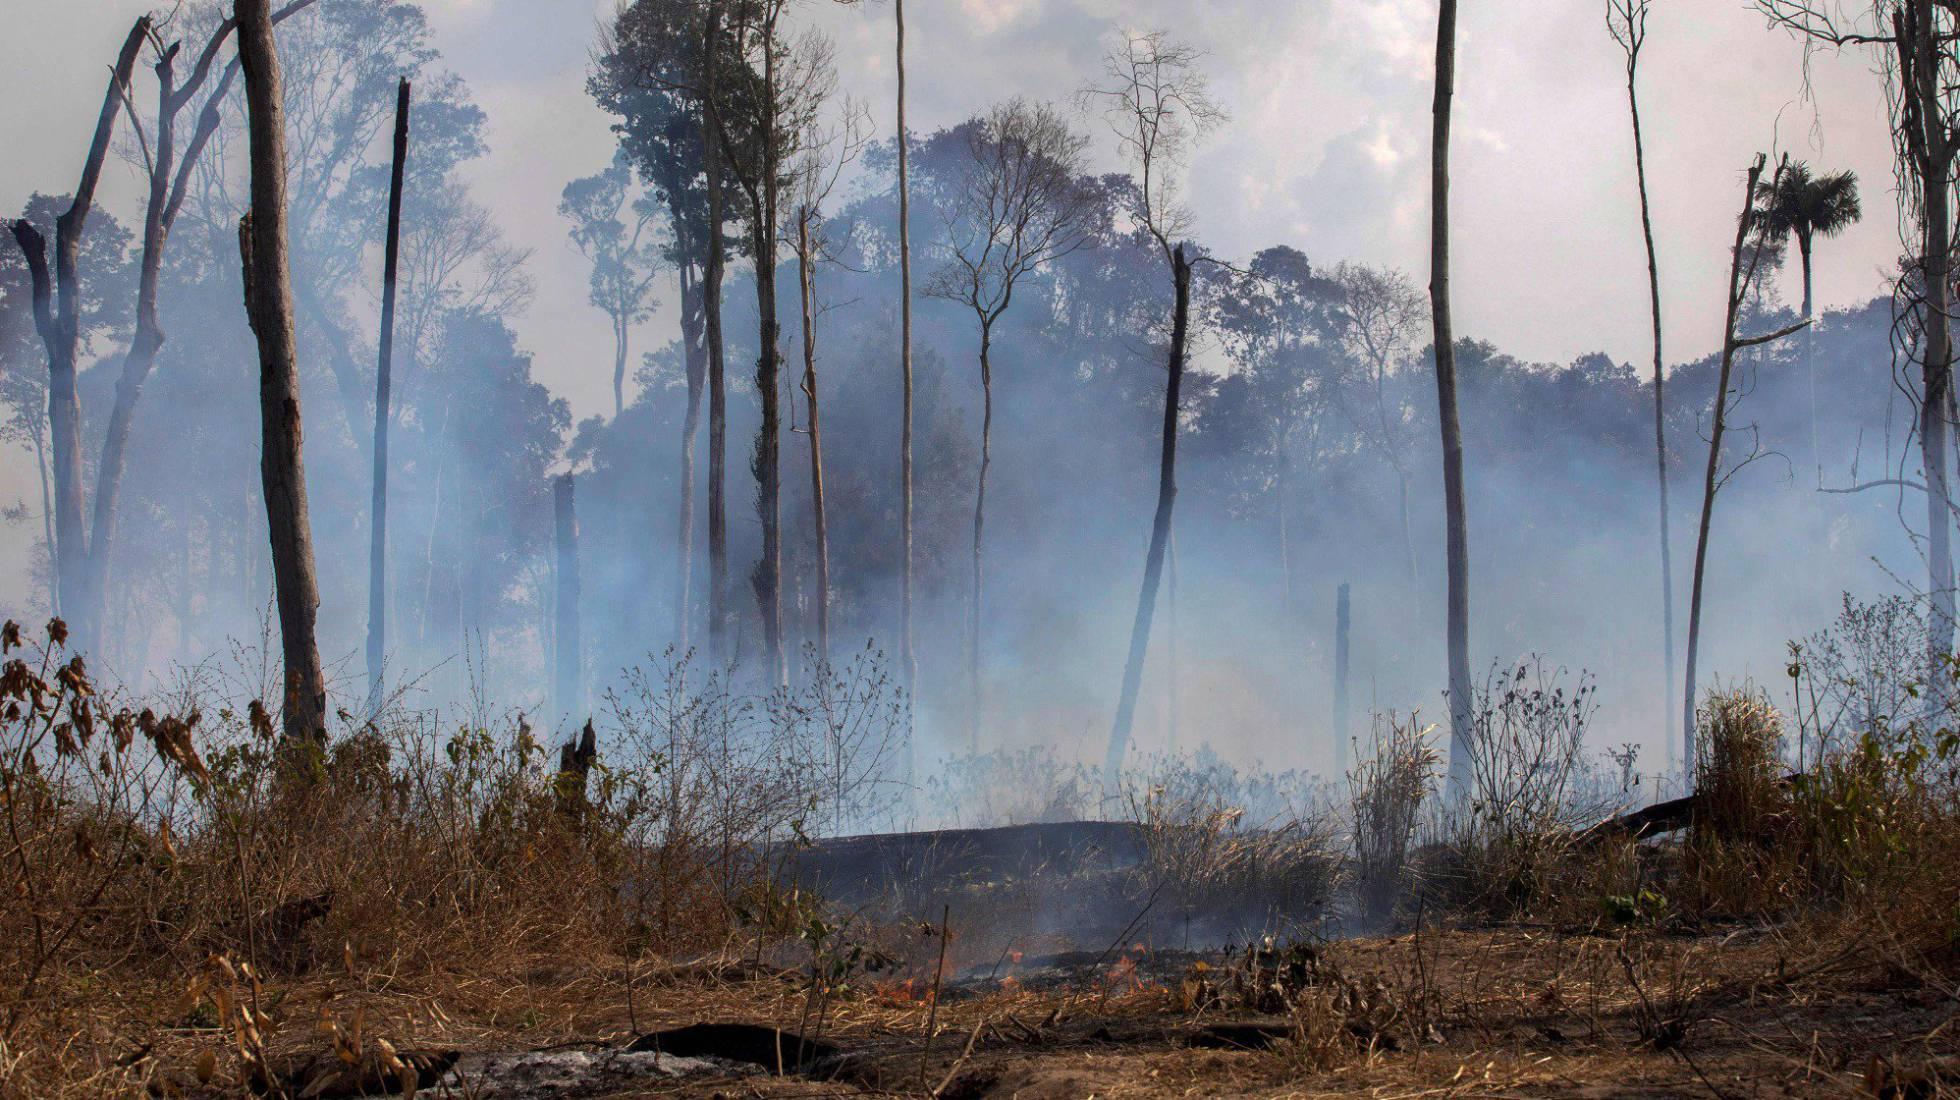 Un año más... el bosque esta ardiendo